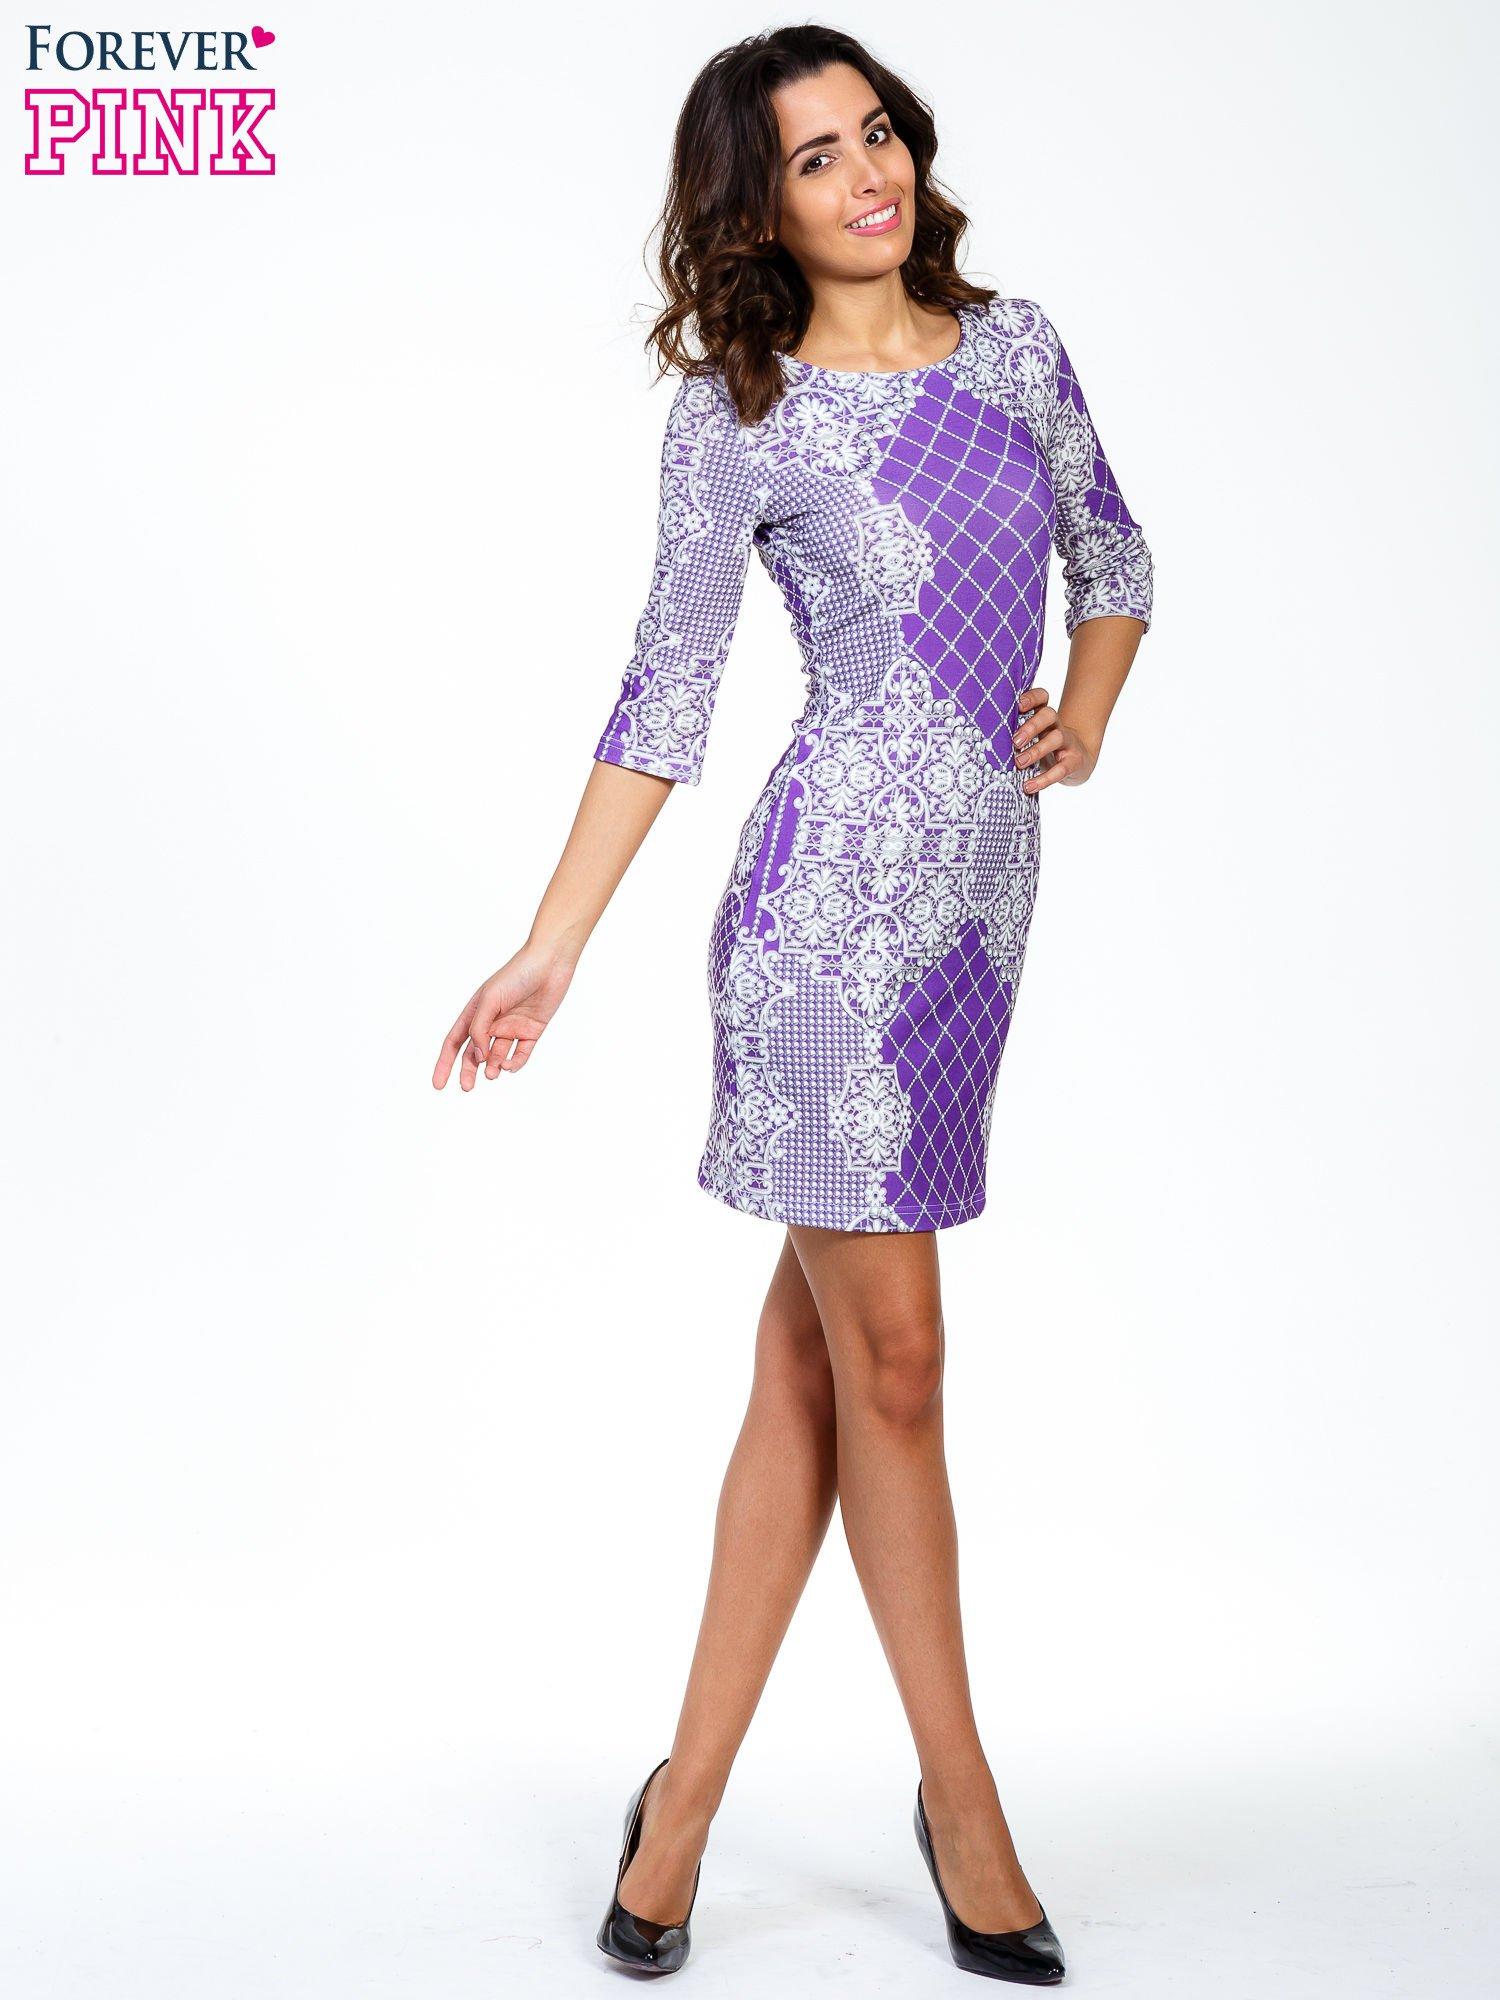 Fioletowa sukienka z koronkowym i kraciastym nadrukiem                                  zdj.                                  2